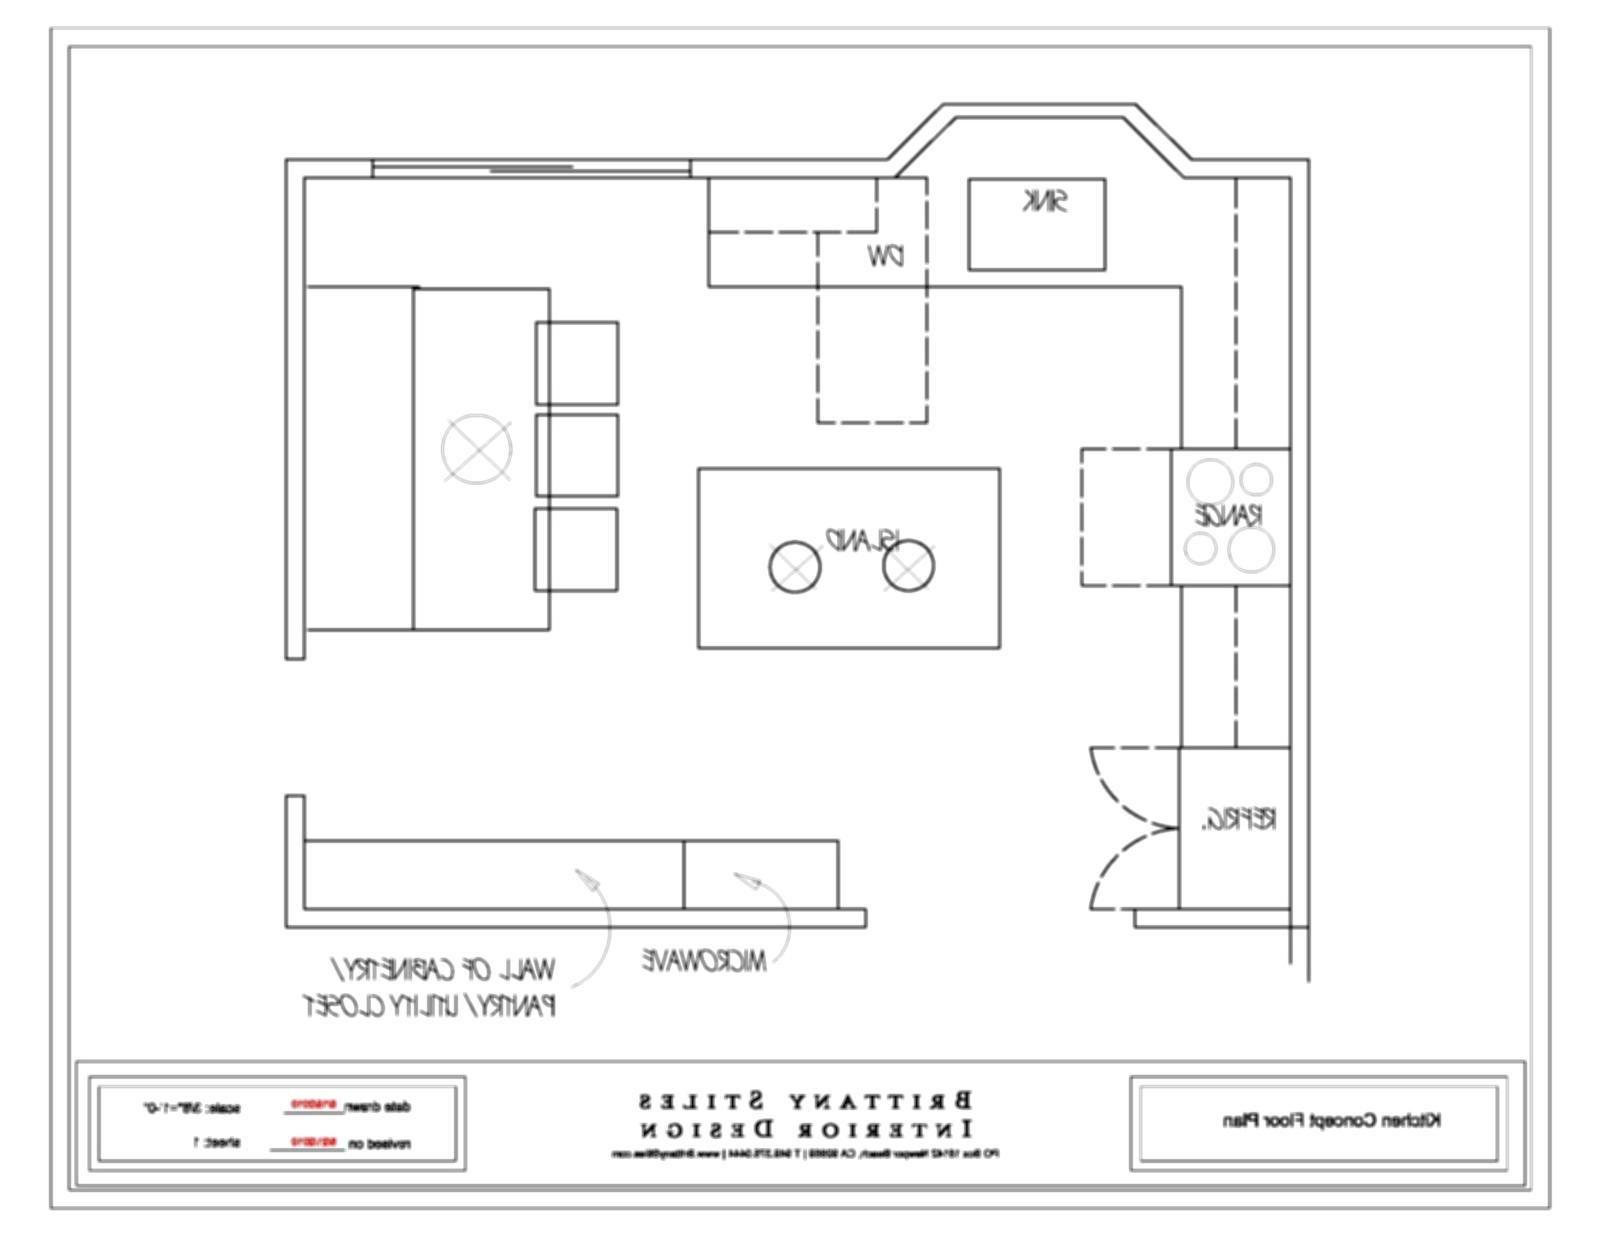 Floor Plan Hotel Kitchen Layout   Novocom.top